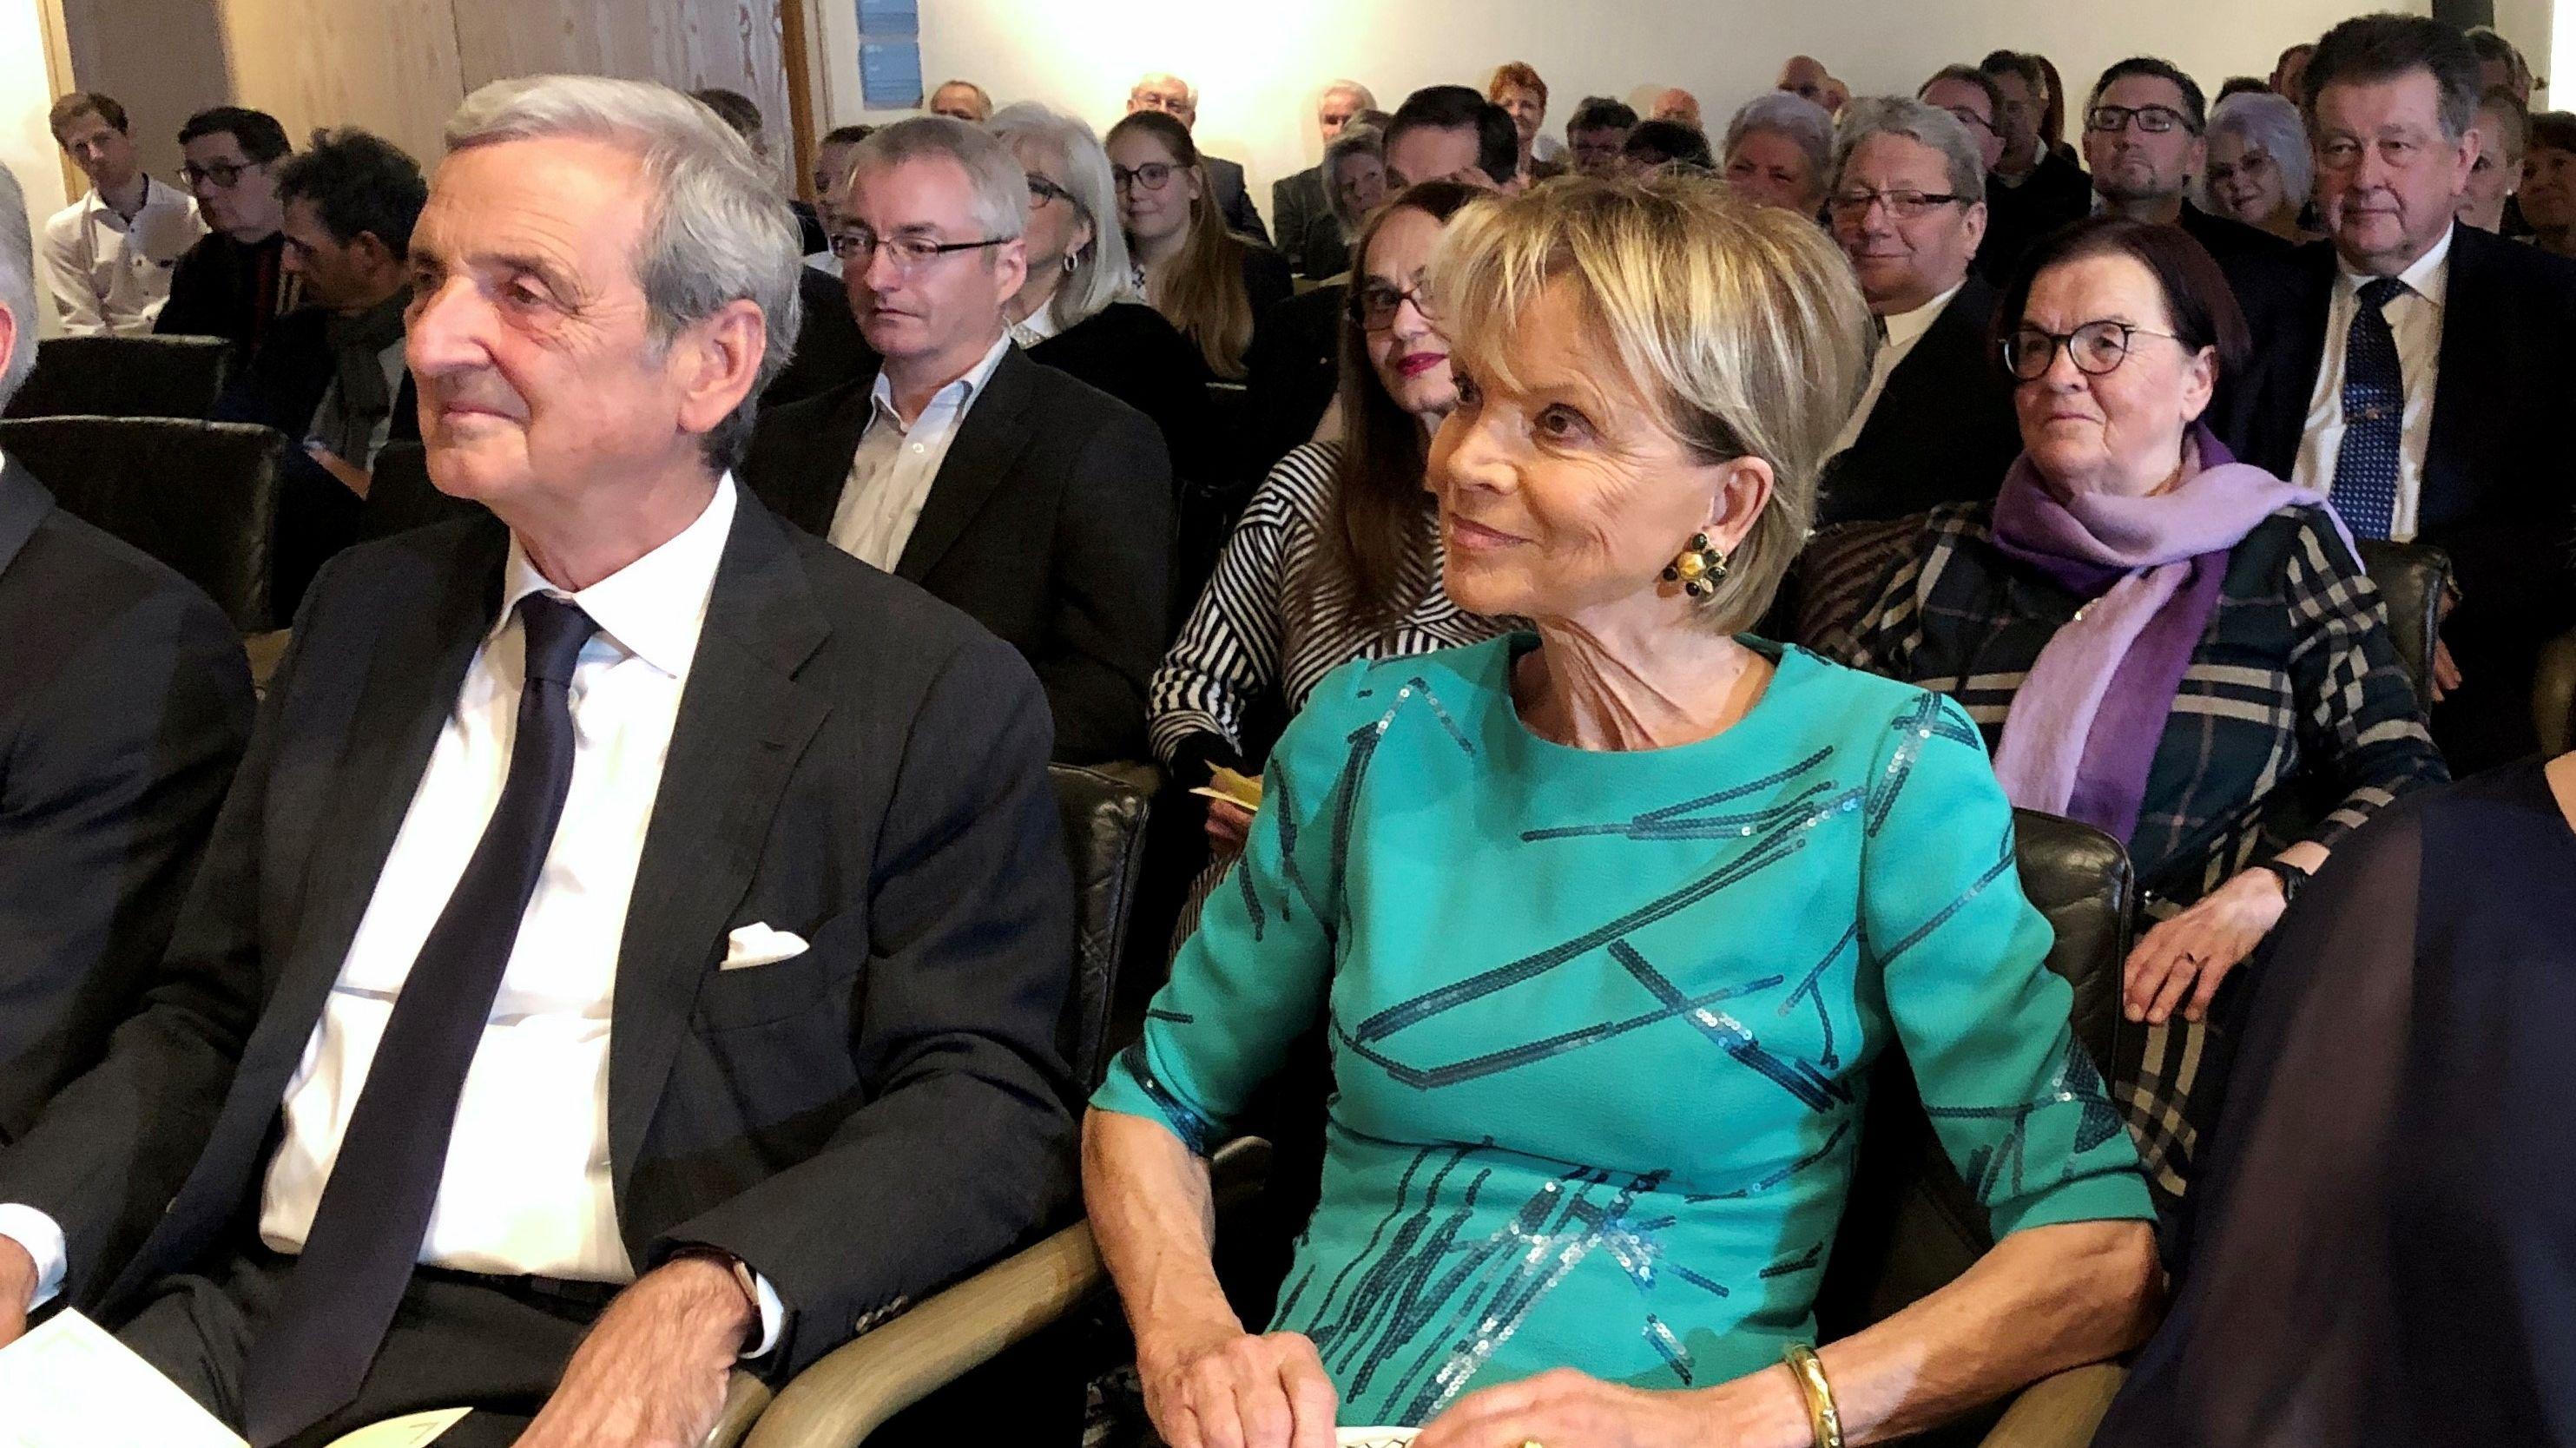 Uschi Glas mit Ehemann Dieter Hermann